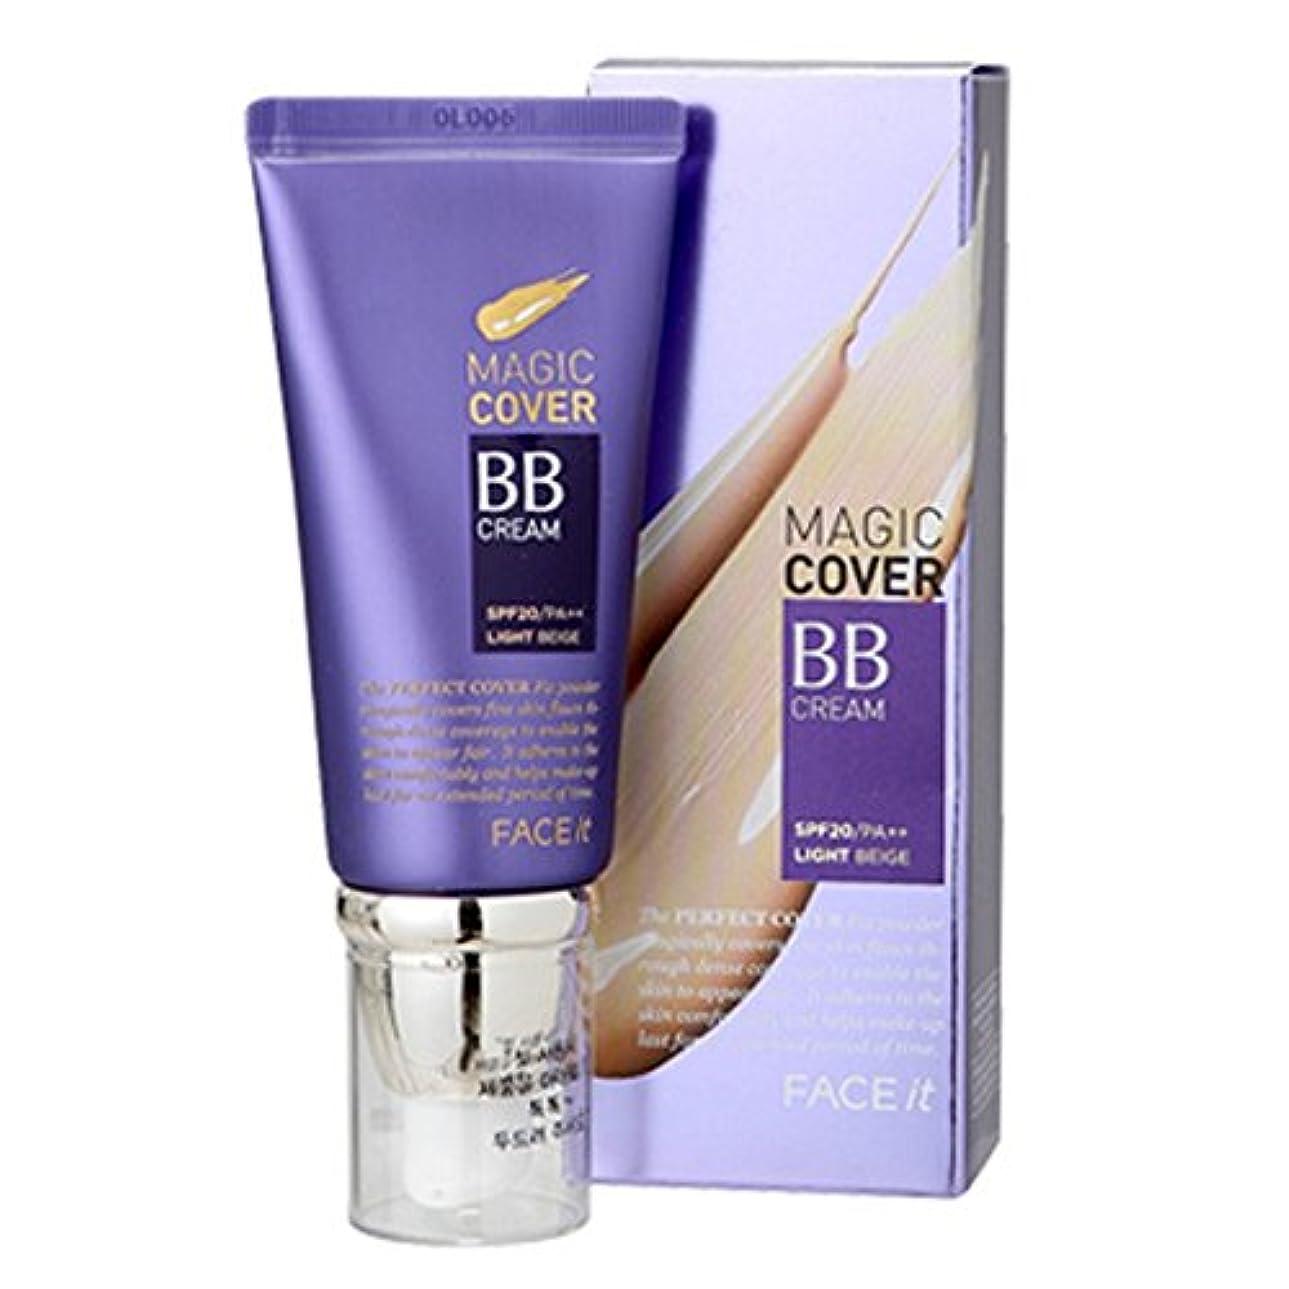 アナリスト敬意征服者ザフェイスショップ The Face Shop Face It Magic Cover BB Cream 45ml (01 Light Beige)